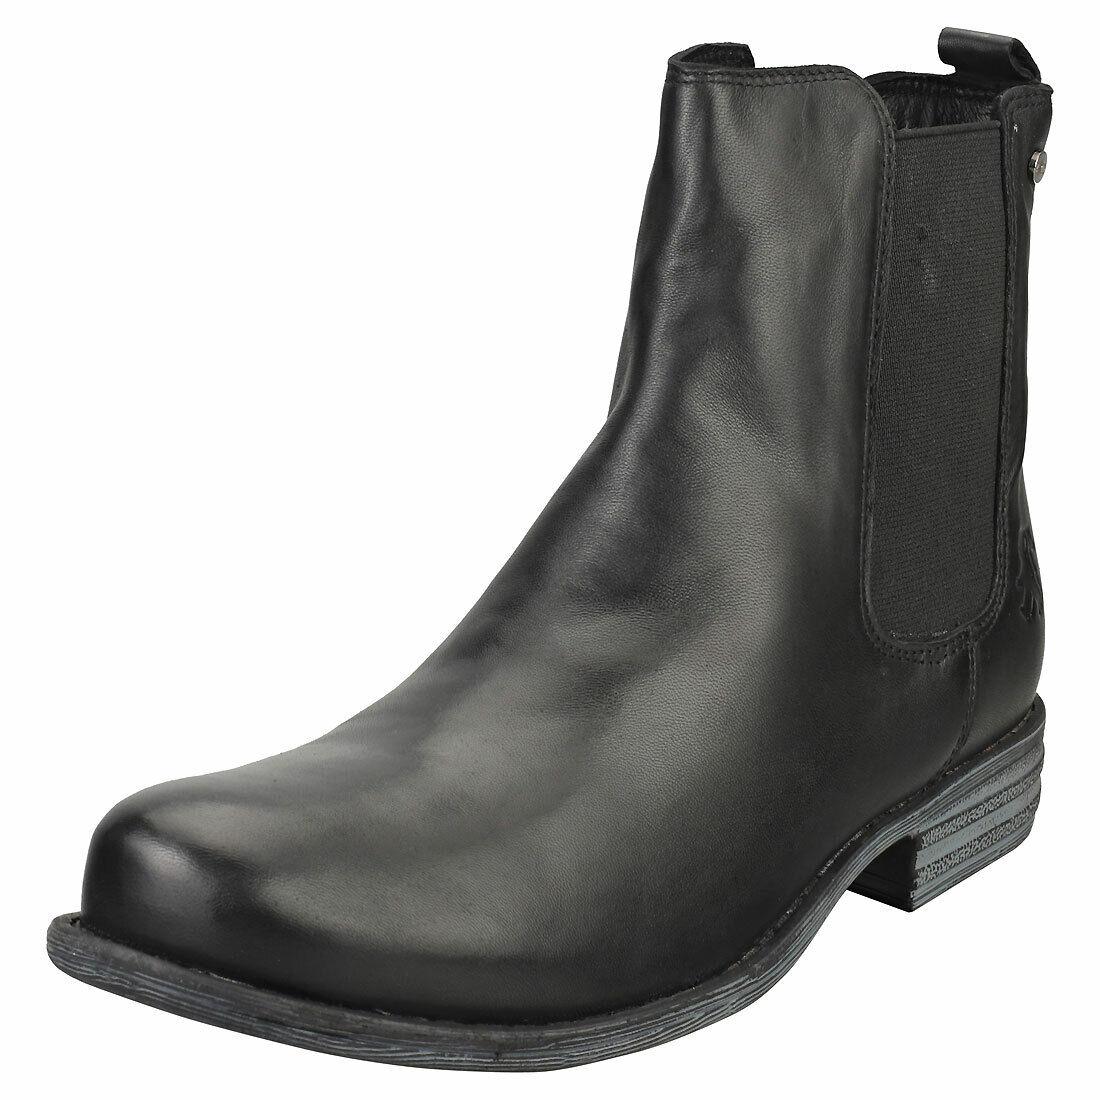 2go low heel señora botas de Black chelsea-UE 37